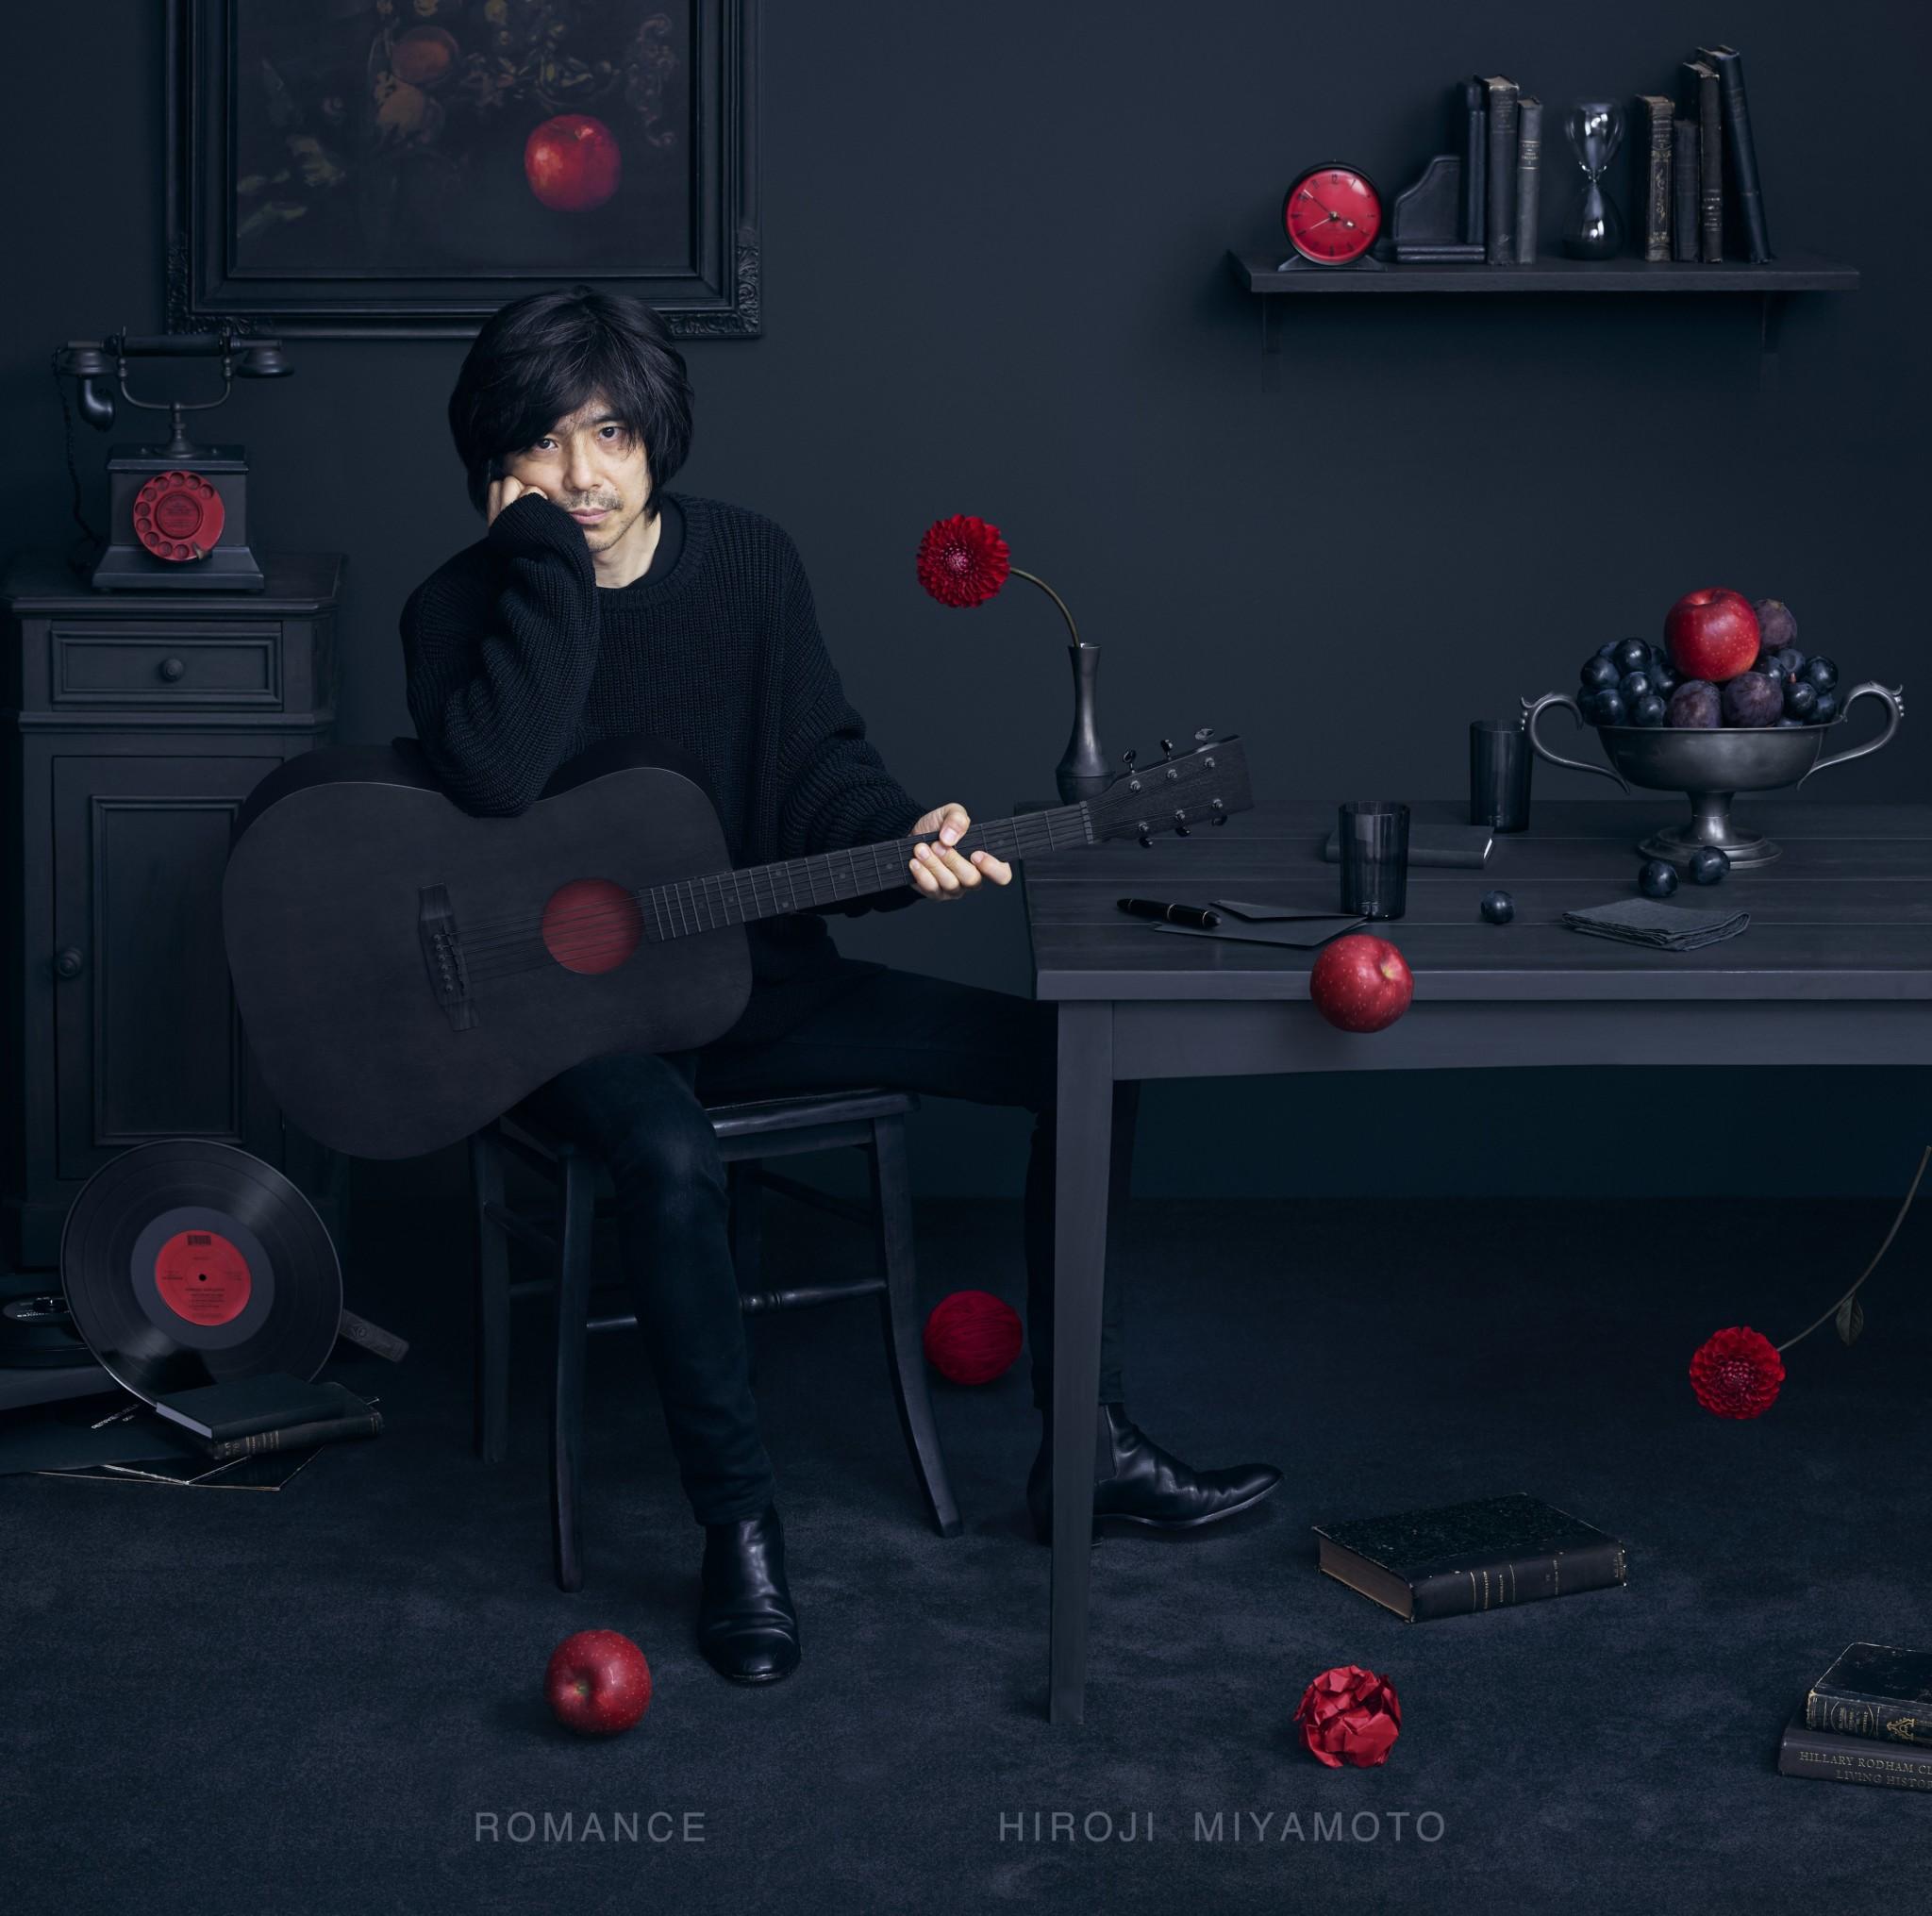 【10月12日(月)0時解禁】宮本浩次「ROMANCE」初回通常共通J写_3MB